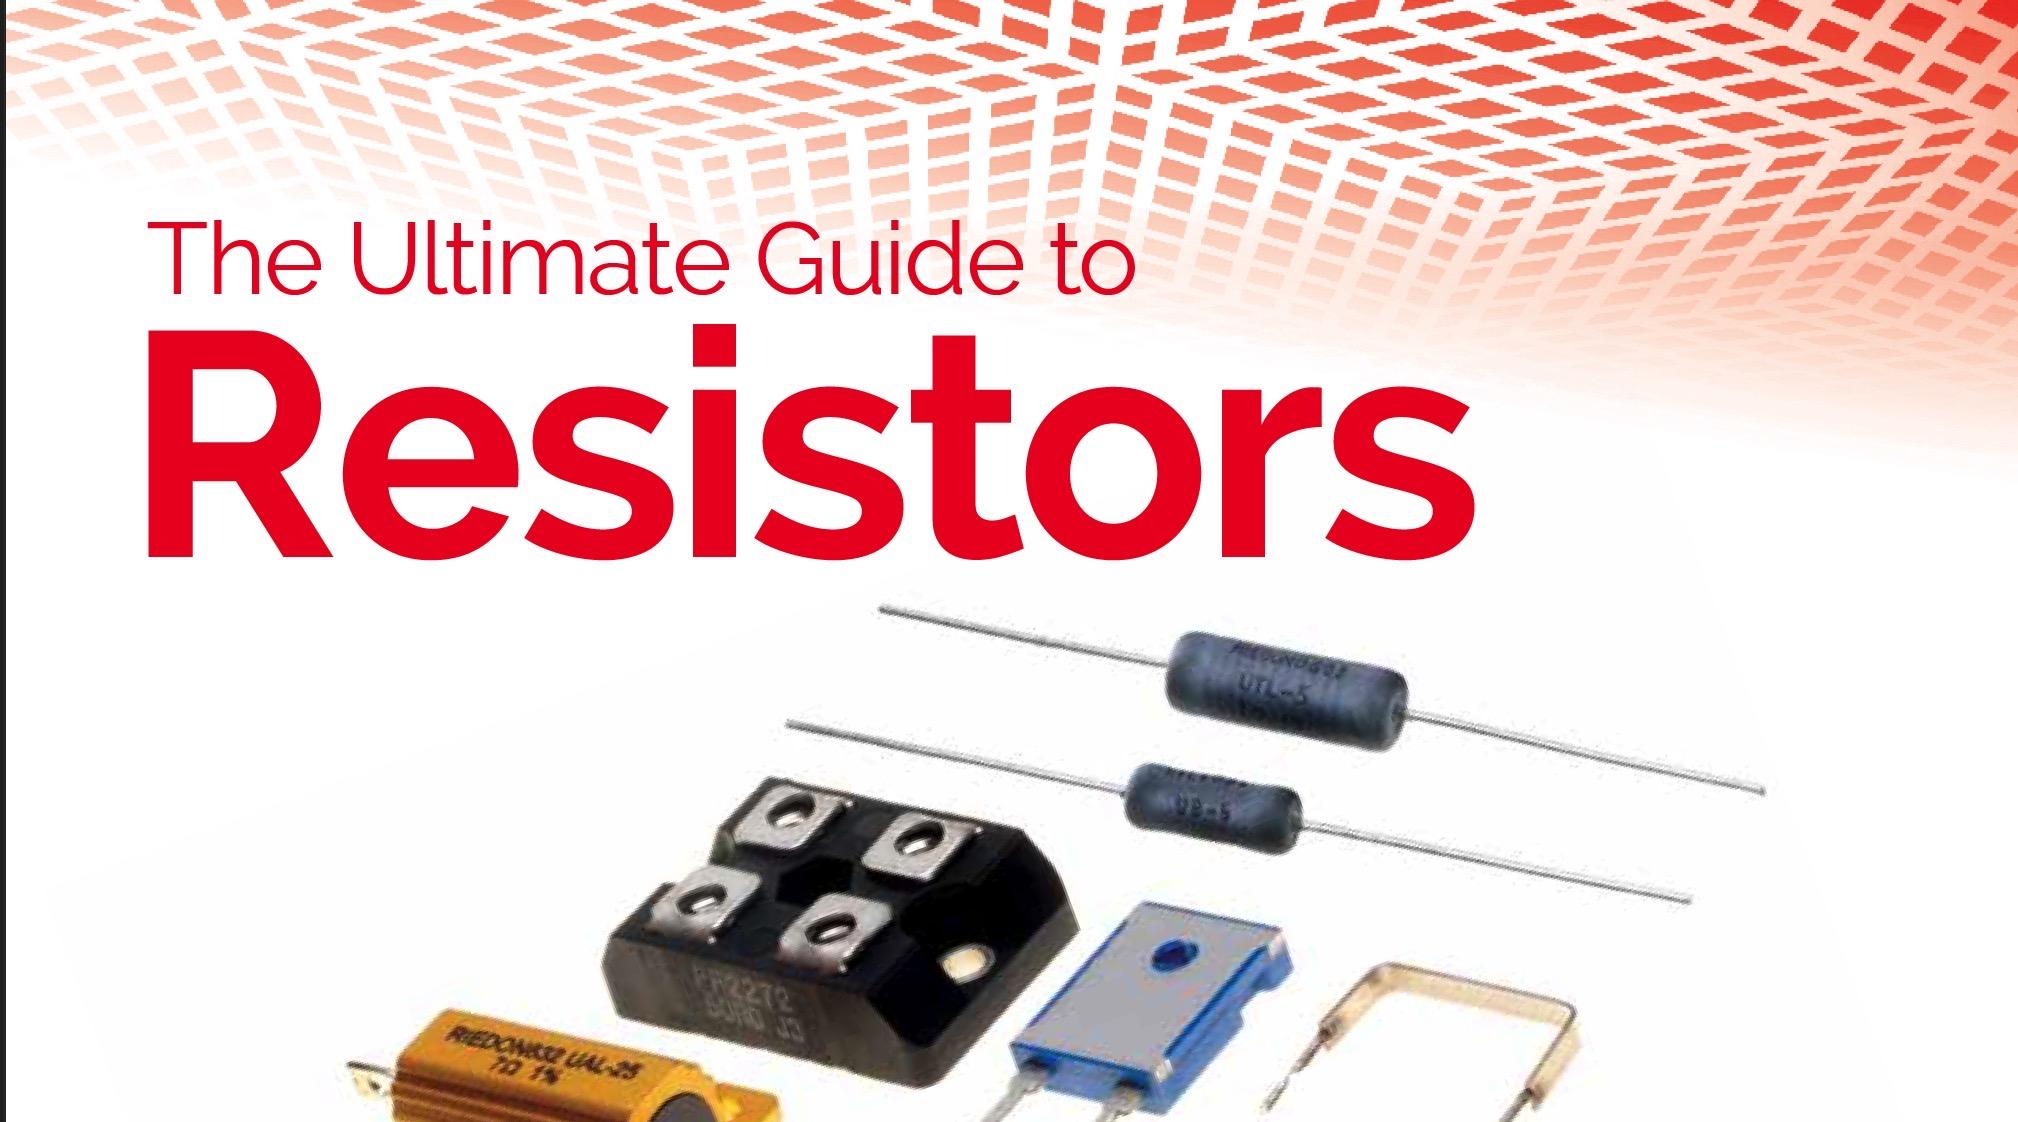 Ultimate Guide to Resistors